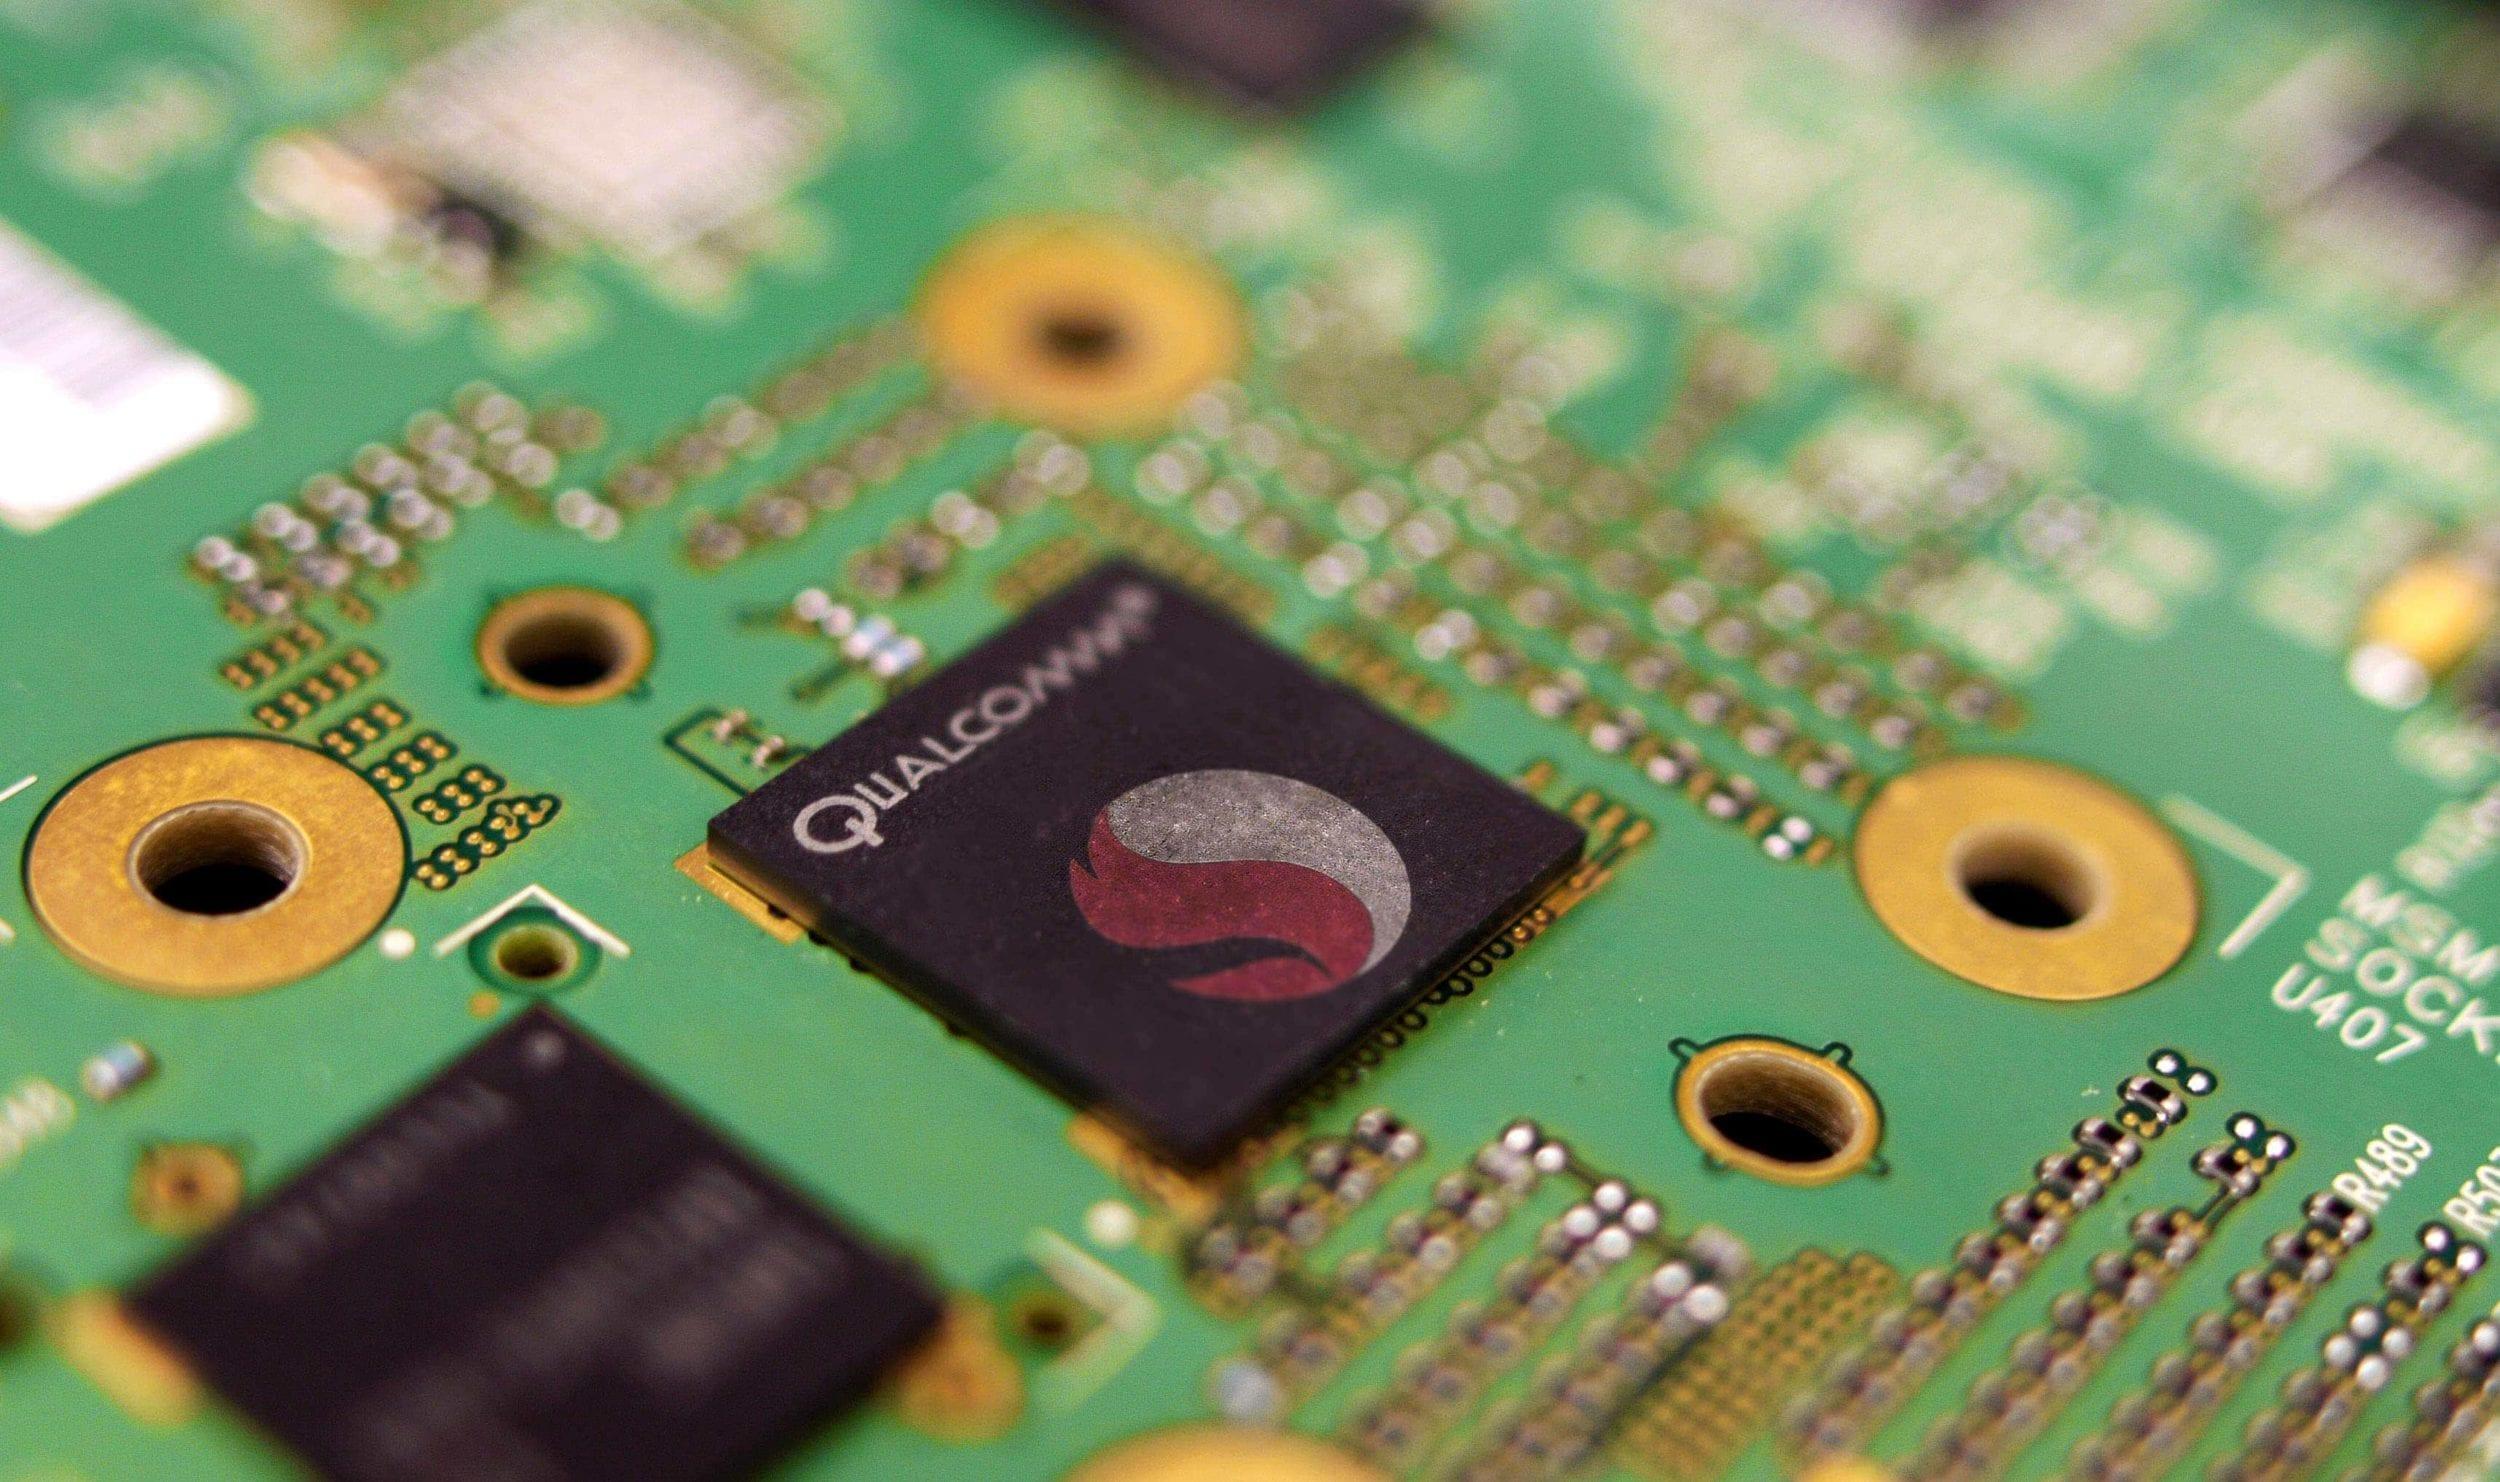 Il nuovo top di gamma Qualcomm potrebbe non essere lo Snapdragon 875